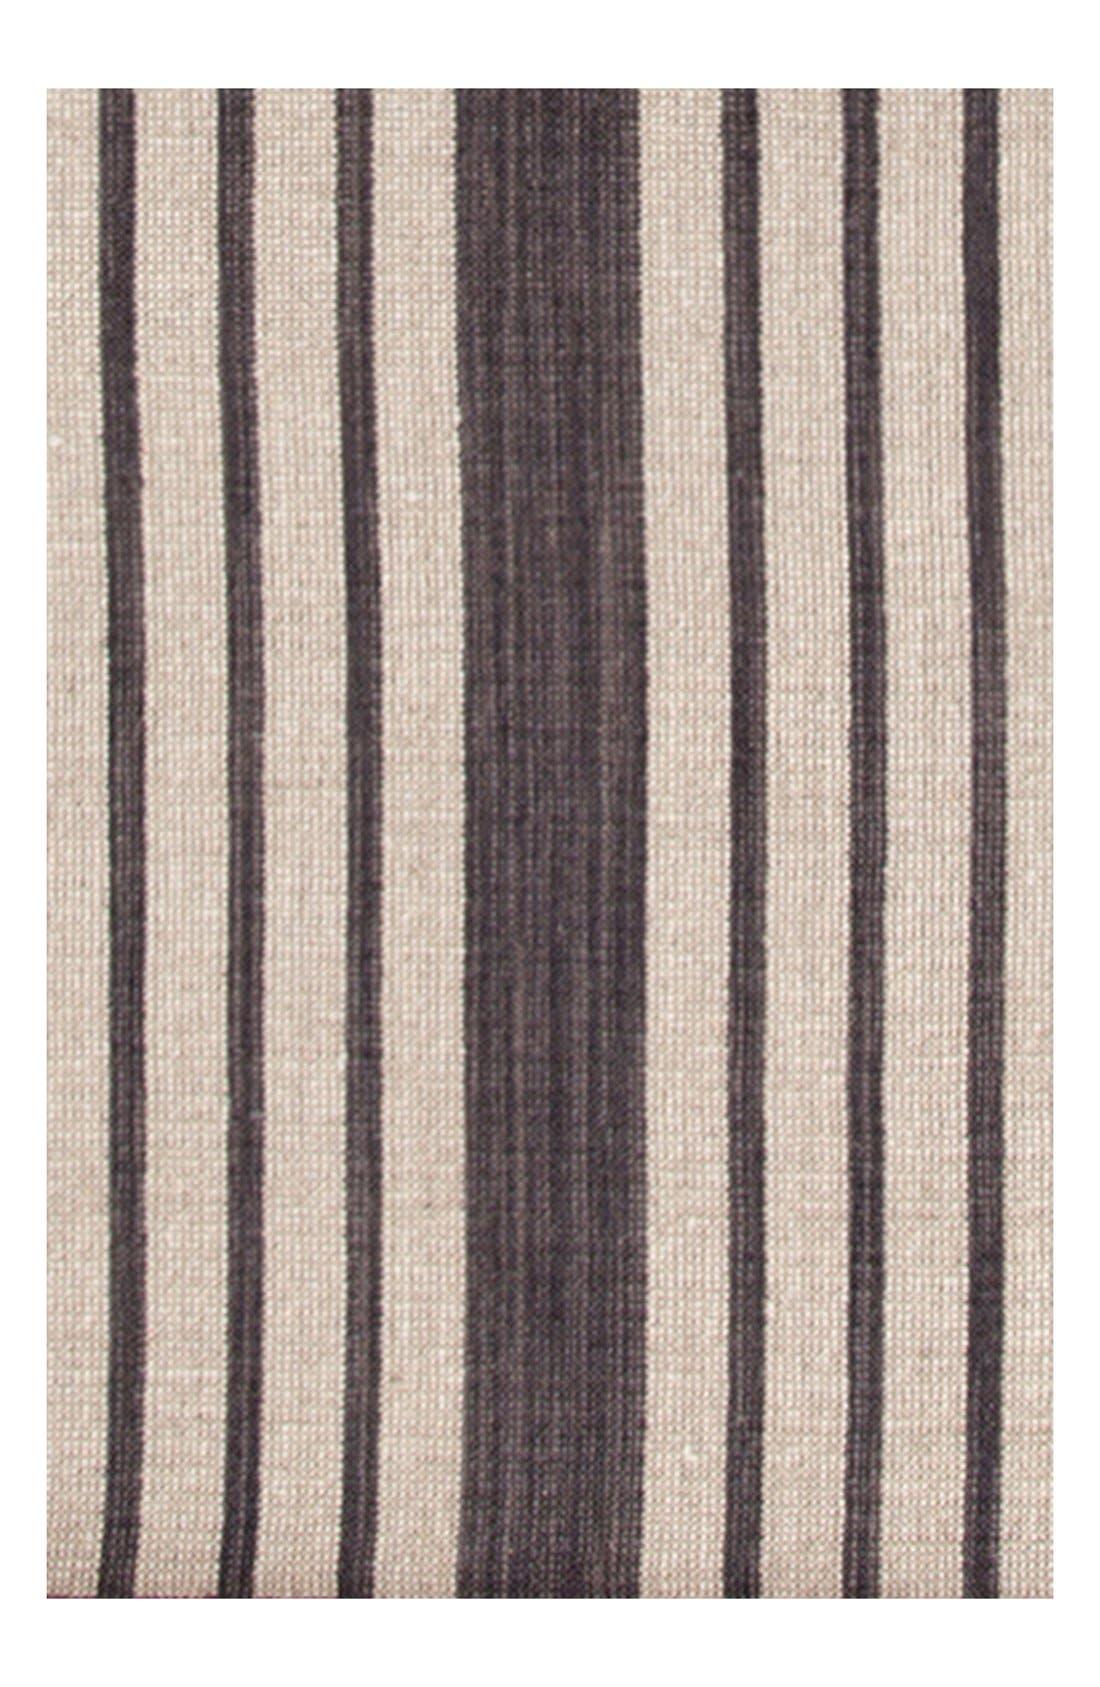 Main Image - Dash & Albert 'Lenox' Stripe Rug